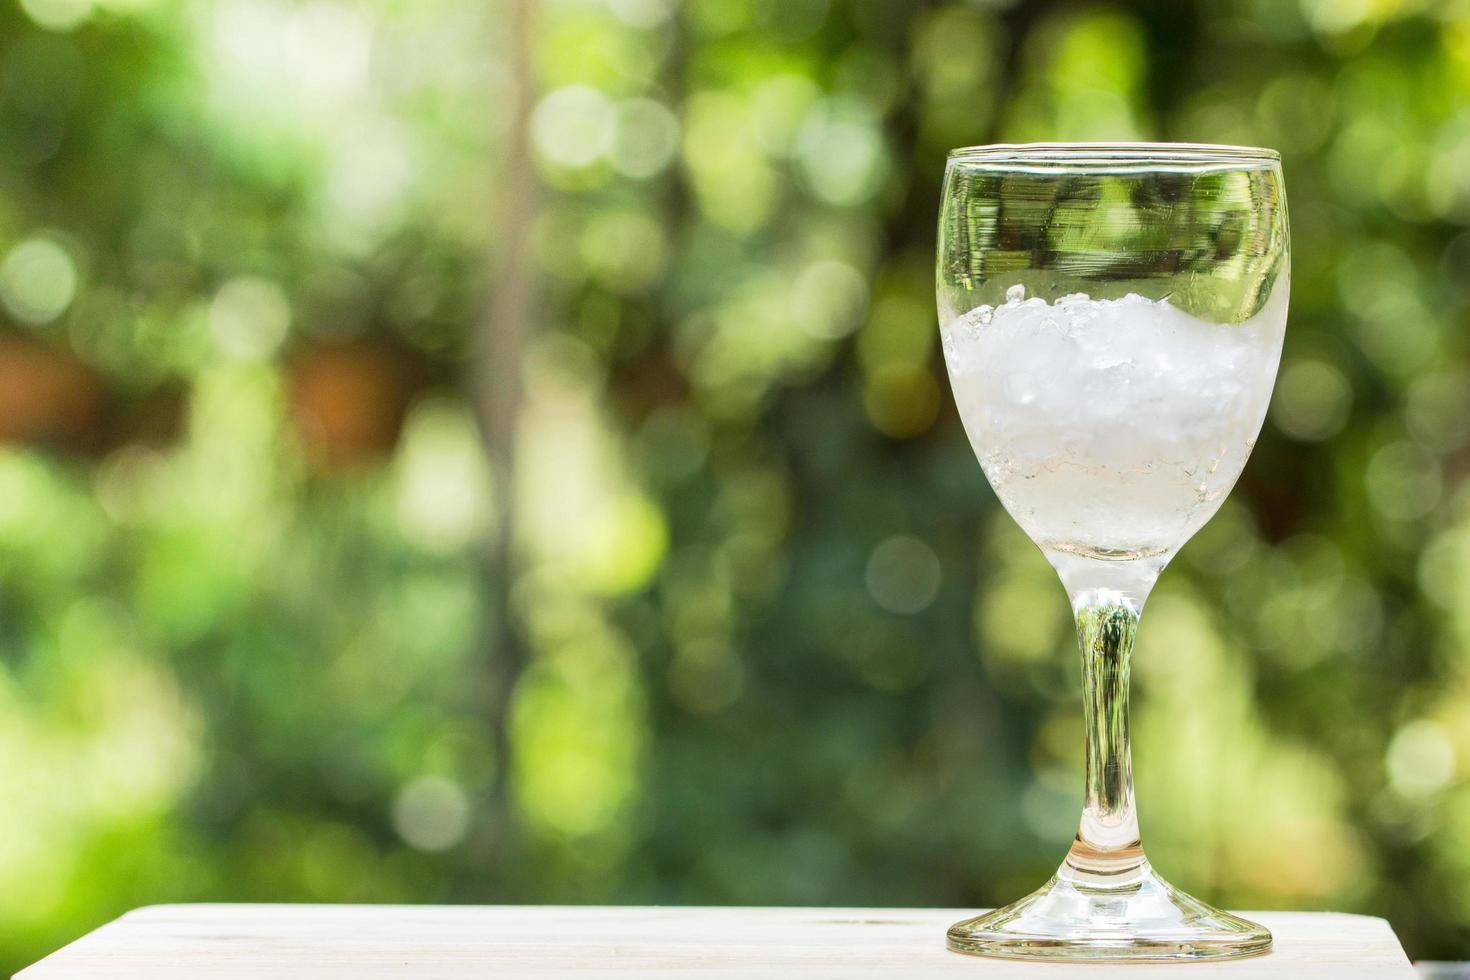 bicchiere pieno di ghiaccio sullo sfondo della natura foto